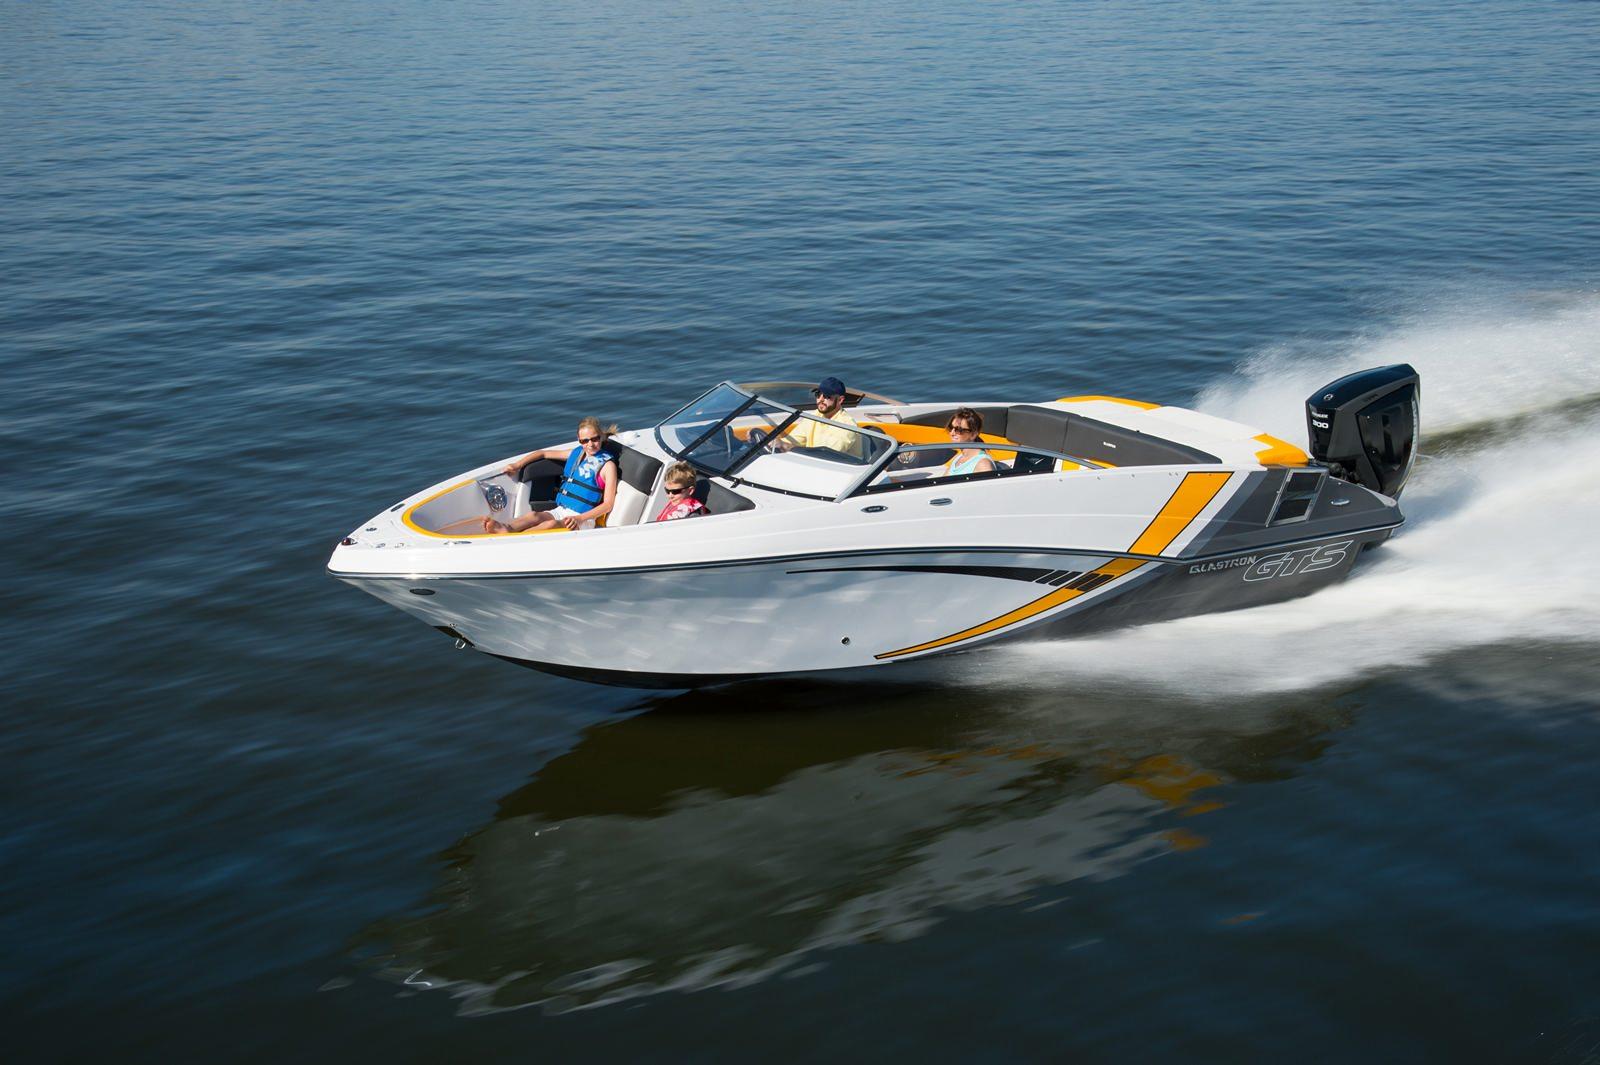 סירת ספורט Glastron 240 - סירת ספורט Glastron 240 - סטרים יאכטות